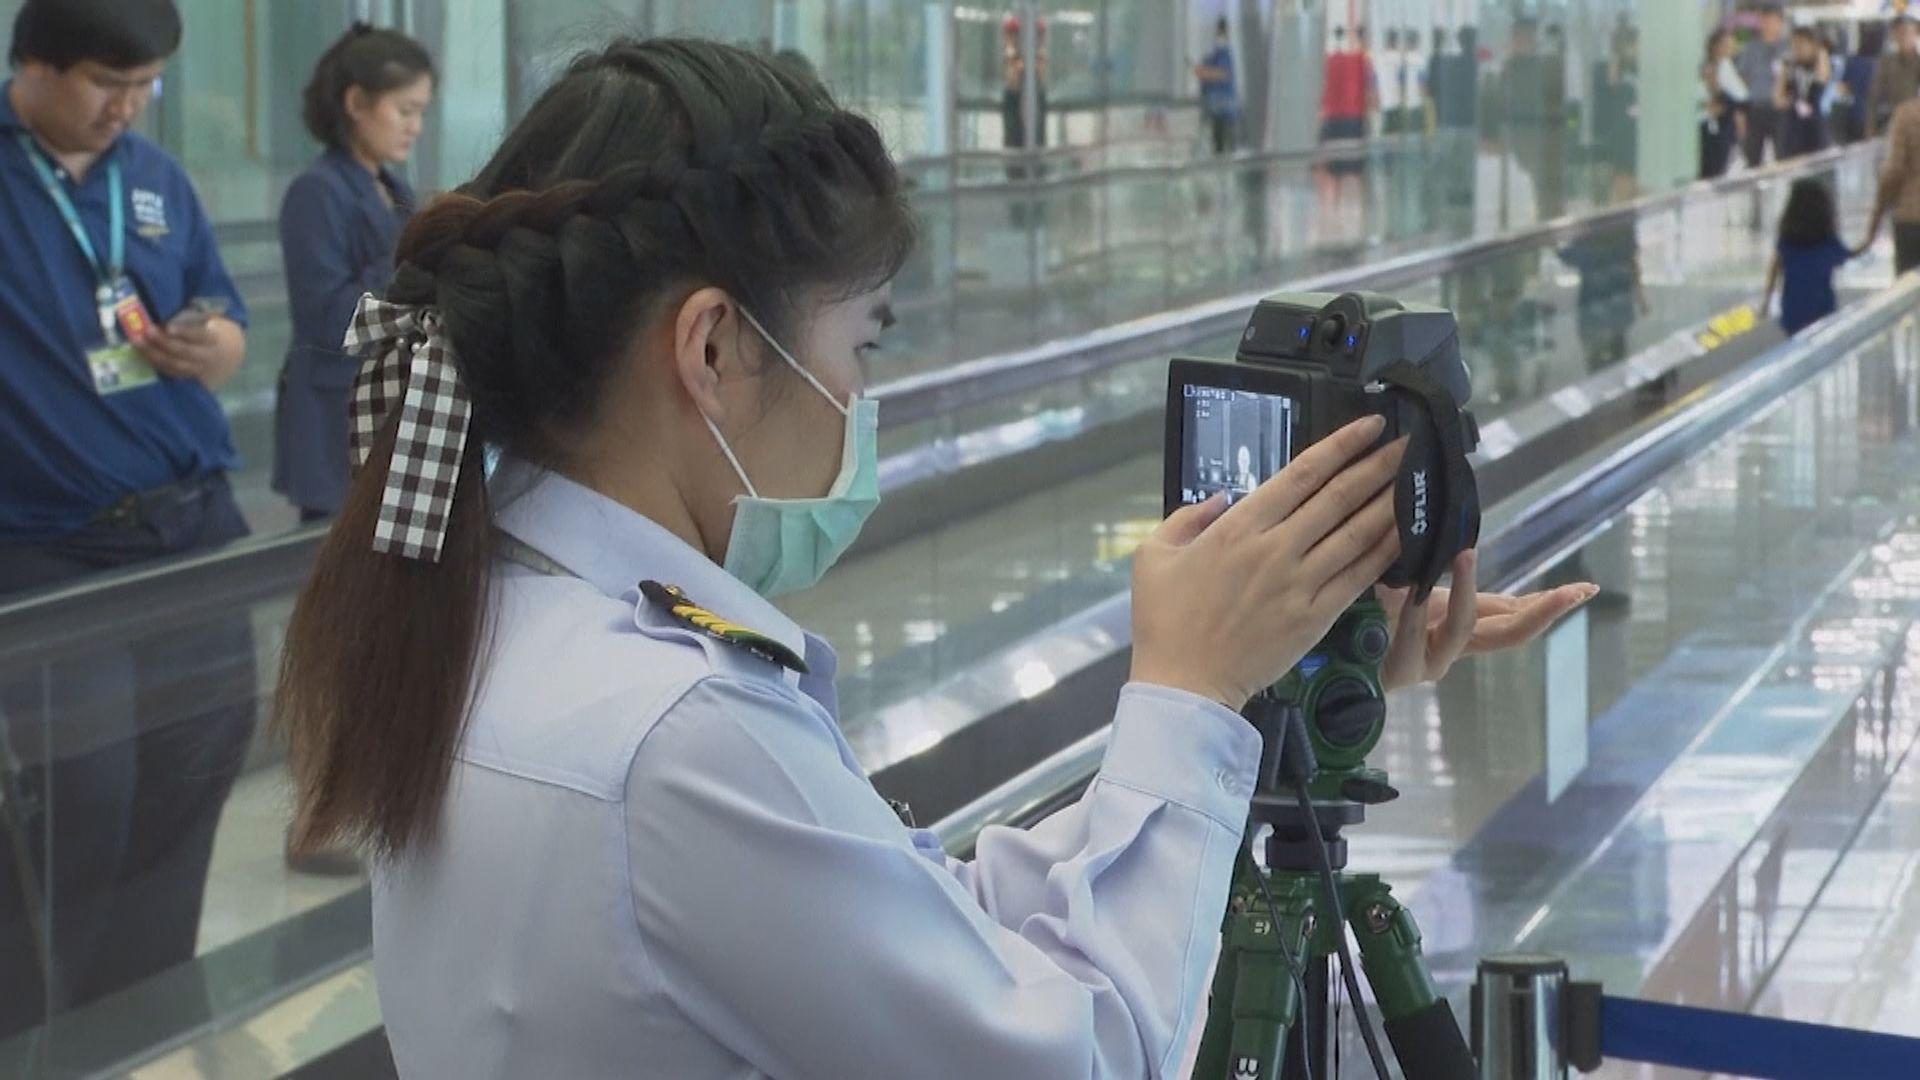 入境泰國旅客將有更嚴格檢疫 中港台旅客需否隔離14日未有定案